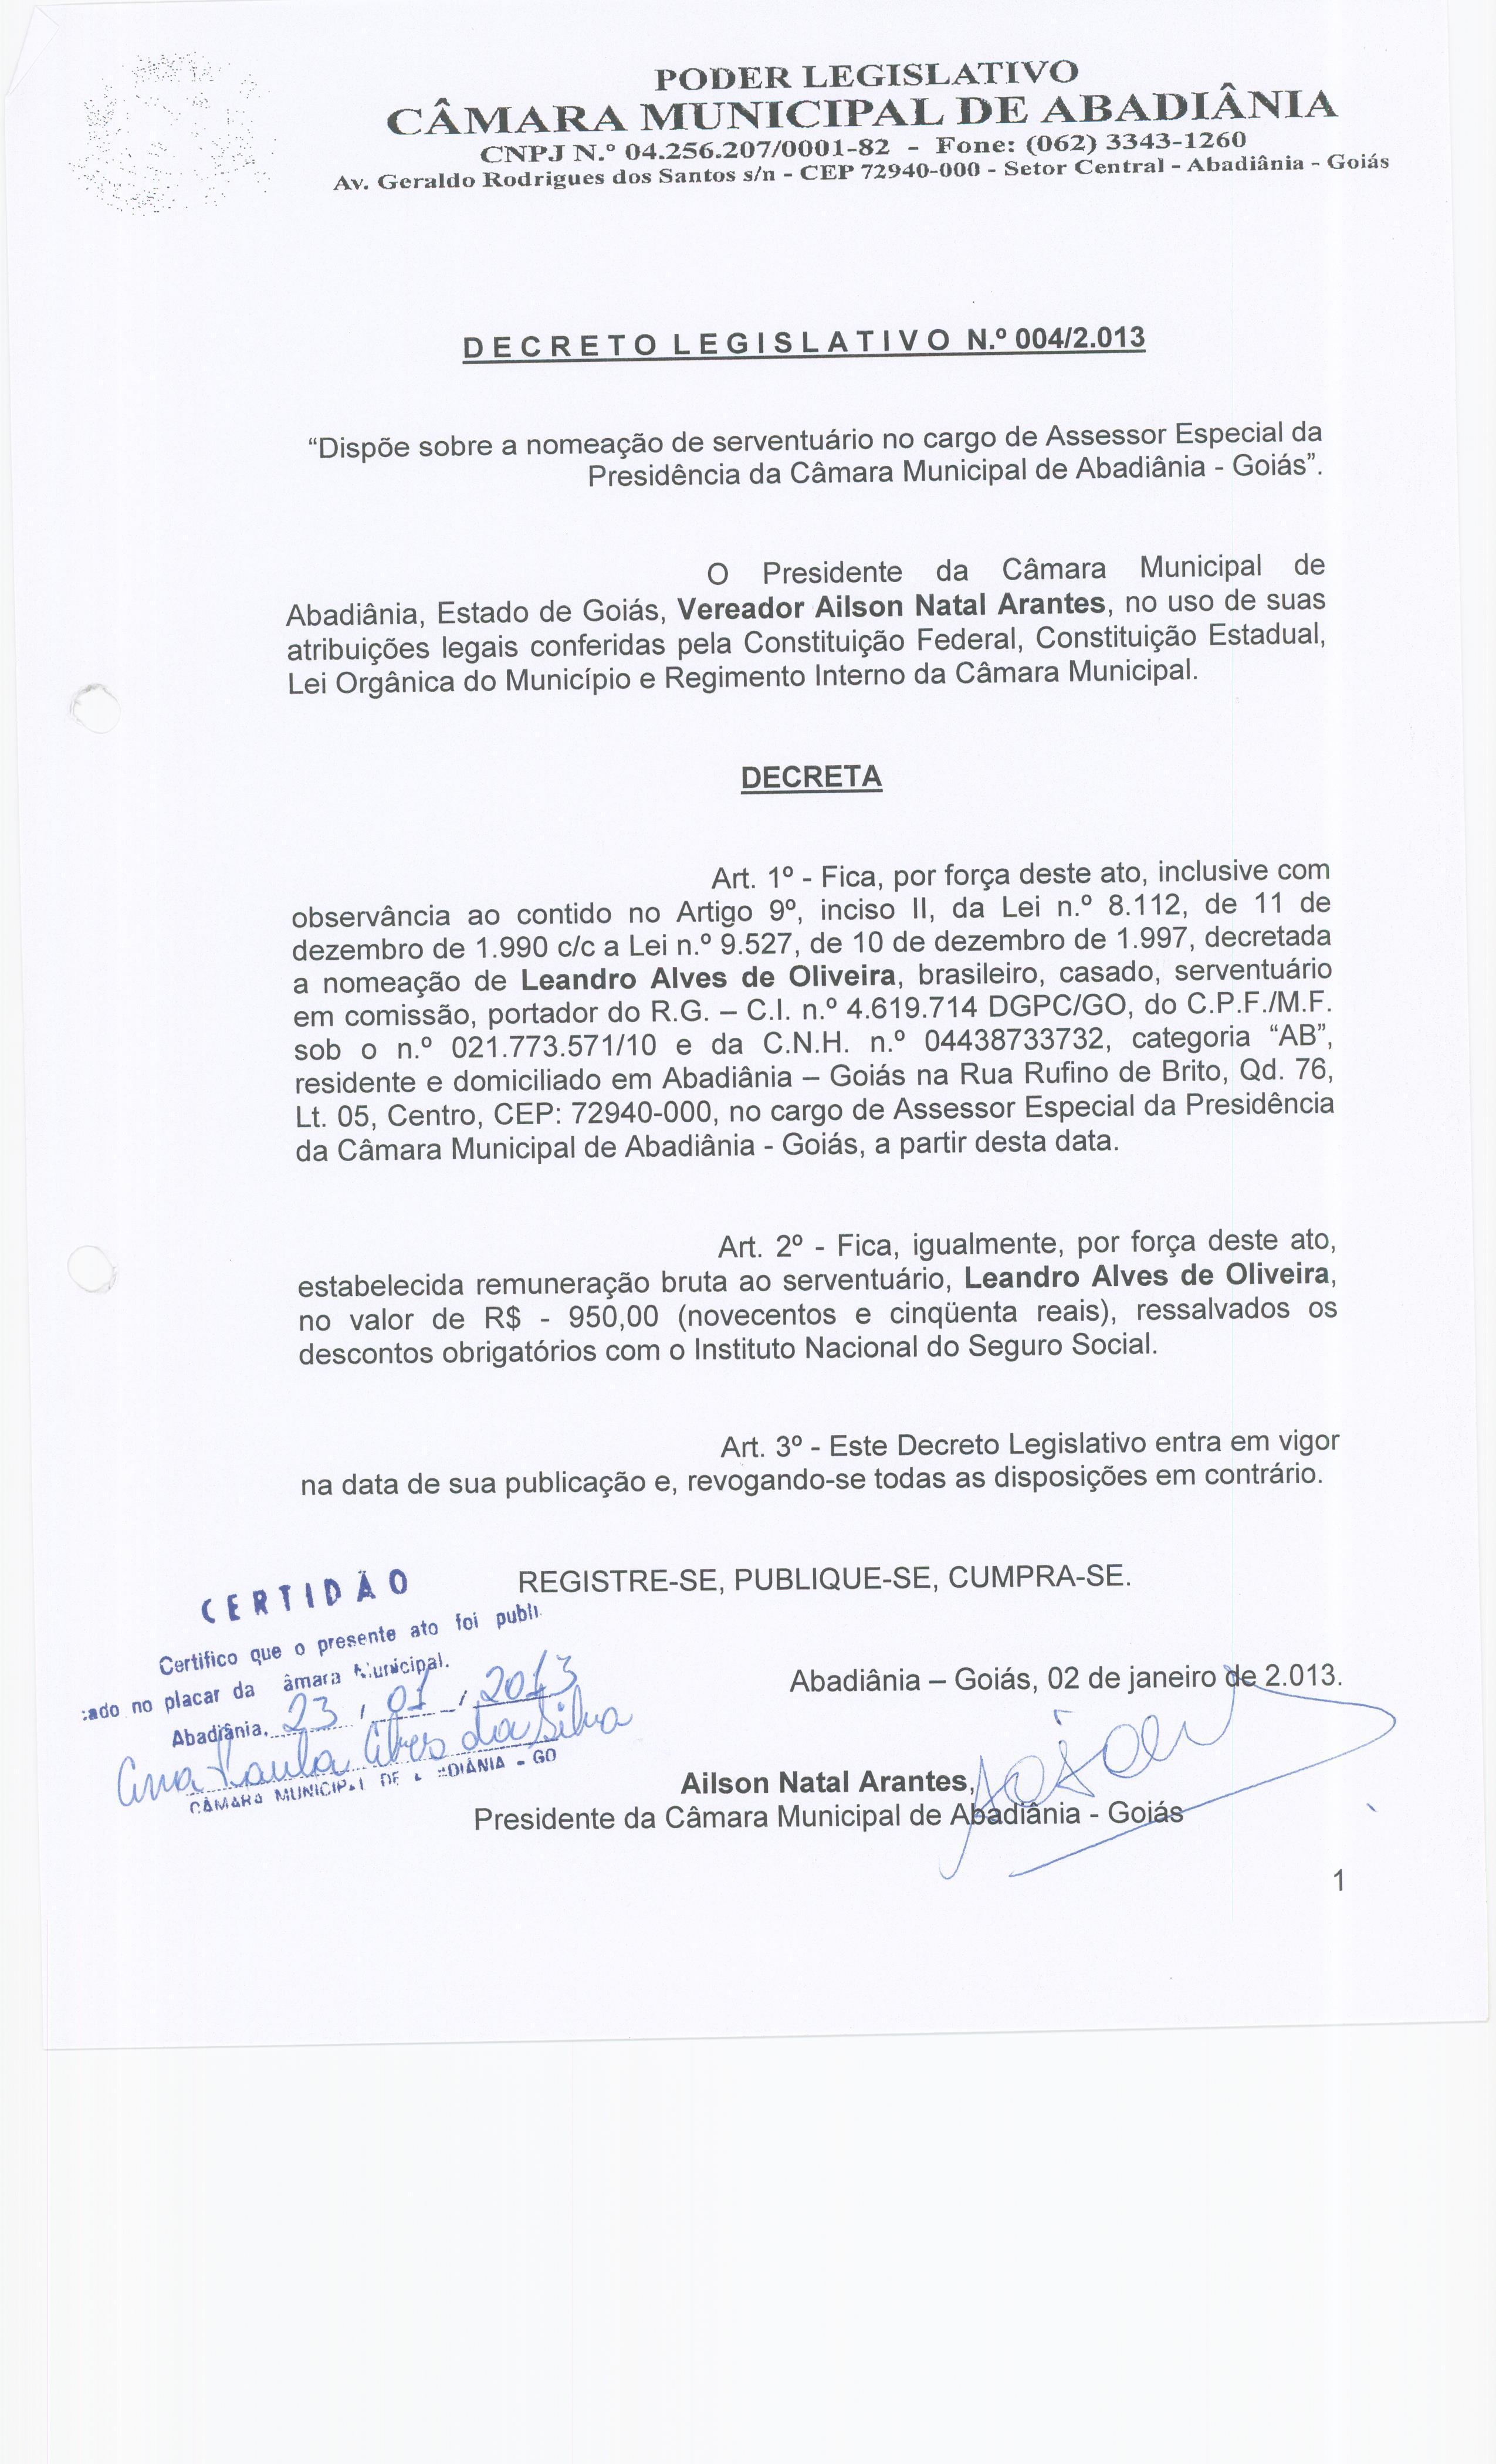 Decreto Legislativo n° 004-2013